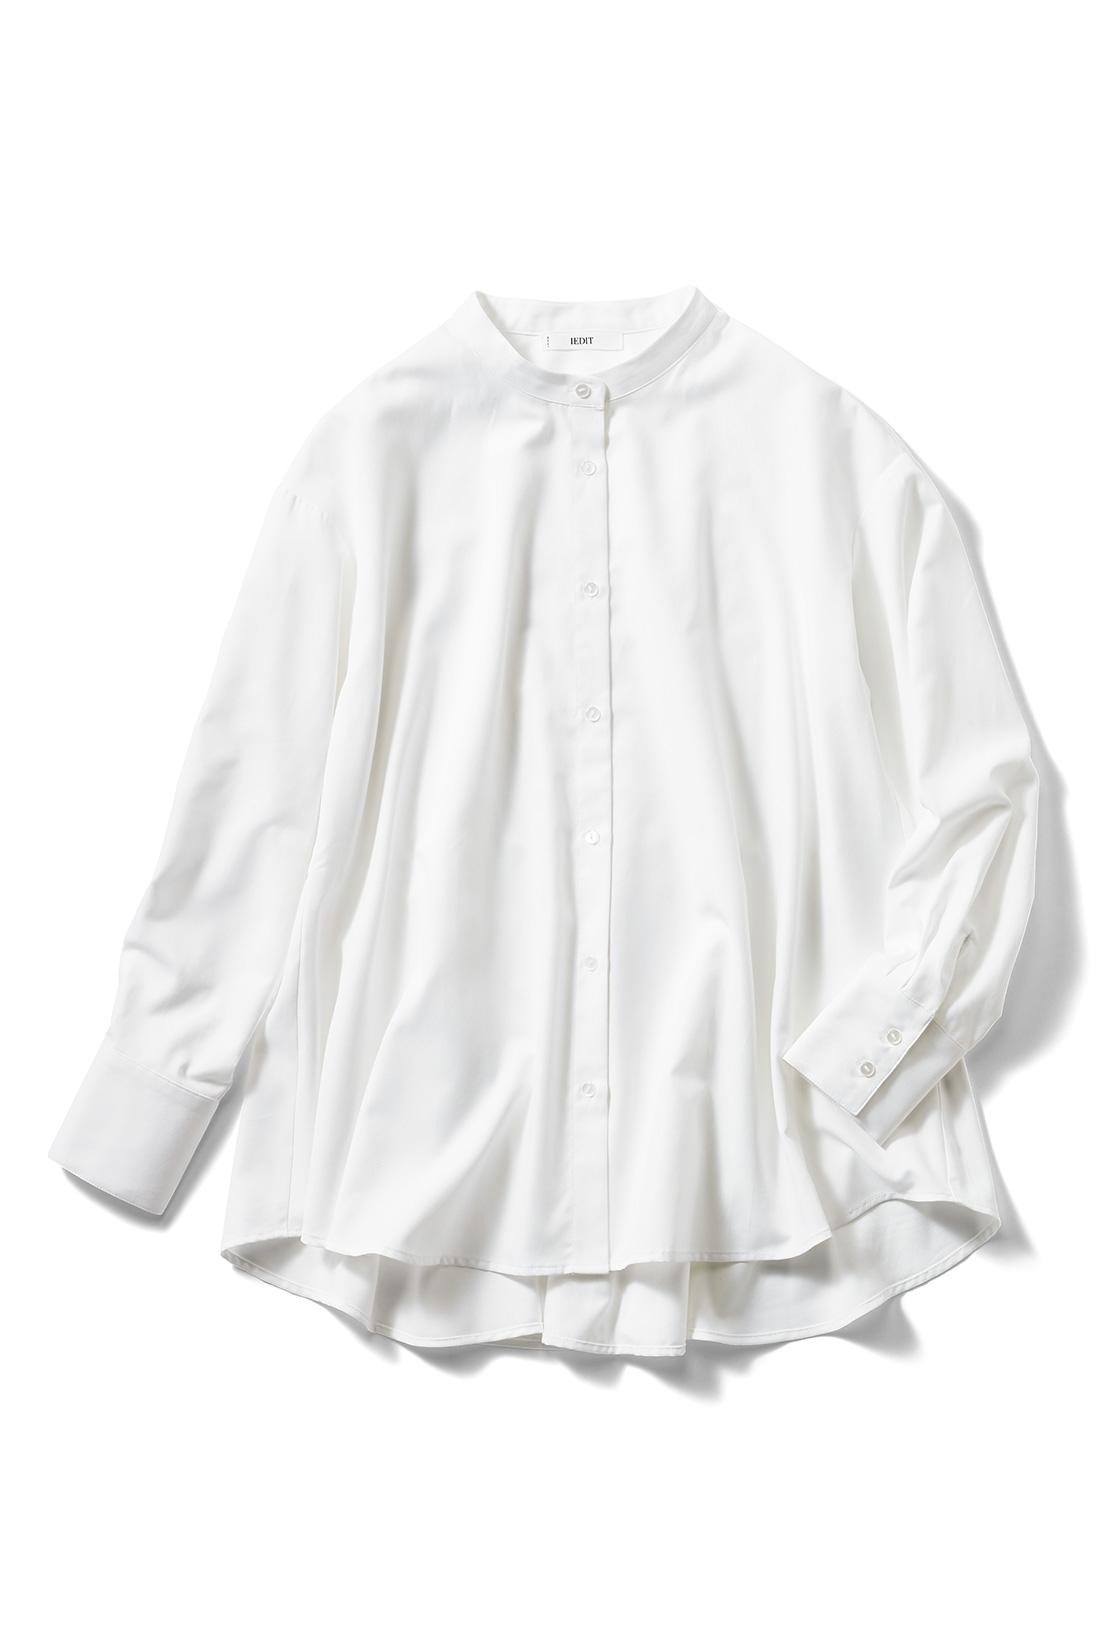 フェリシモ IEDIT[イディット] UVカット&防汚加工 クレバー素材のしなやかドレスシャツ〈フレアー〉【送料無料】